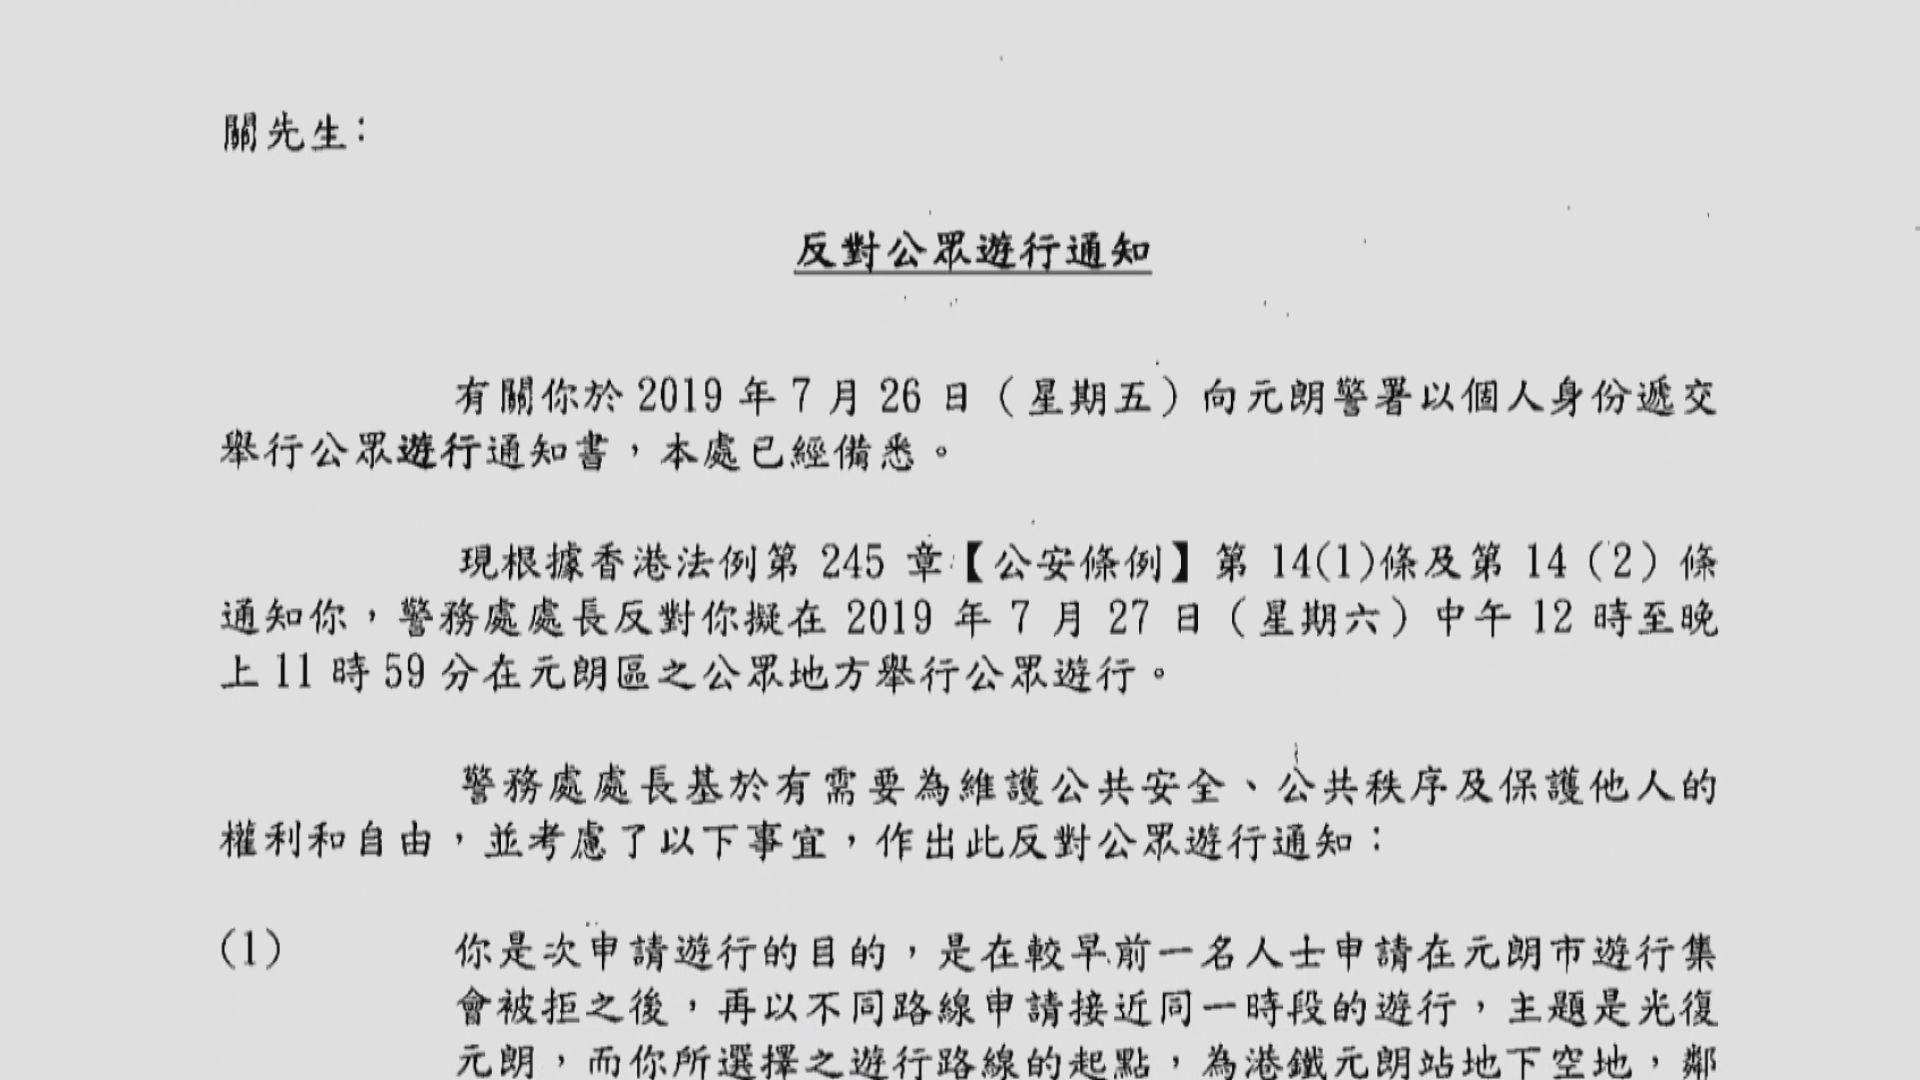 警方以構成危檢等理由反對元朗遊行三宗申請